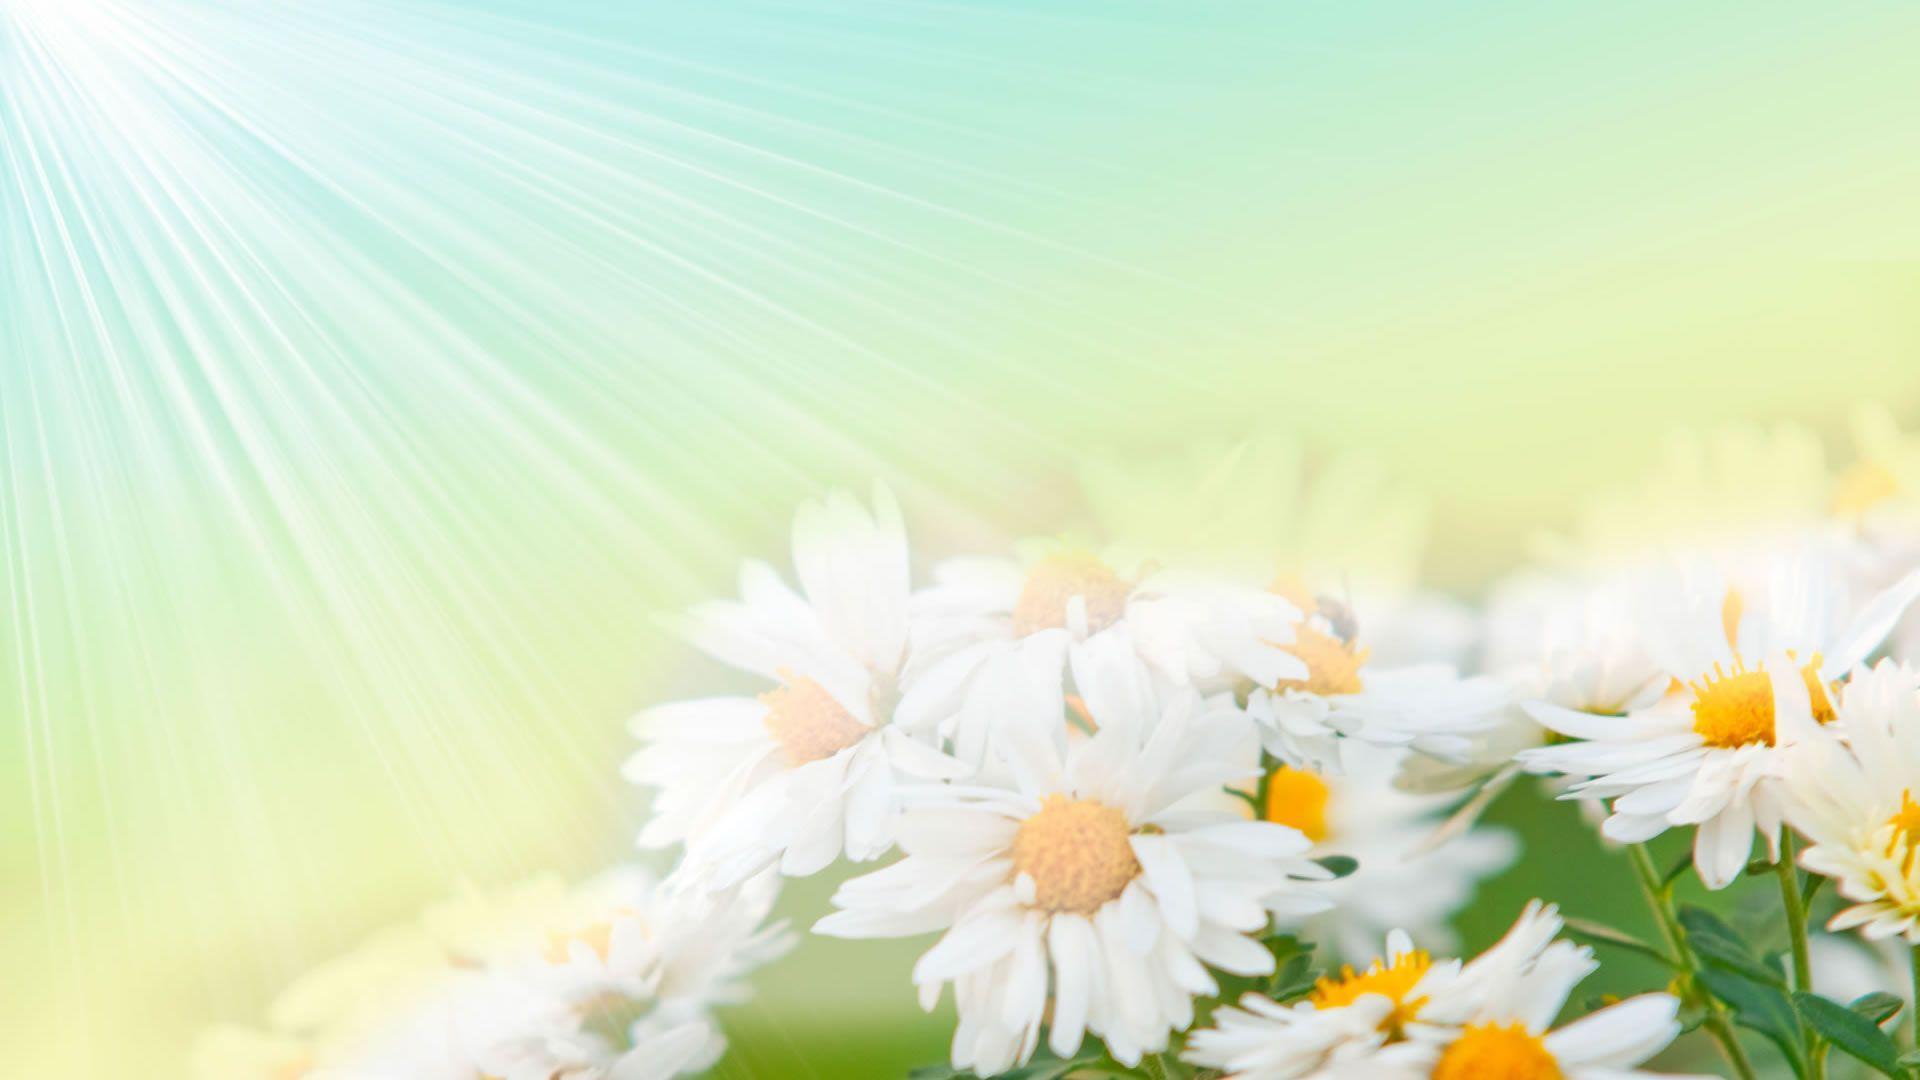 Hình nền hoa đẹp 1920x1080